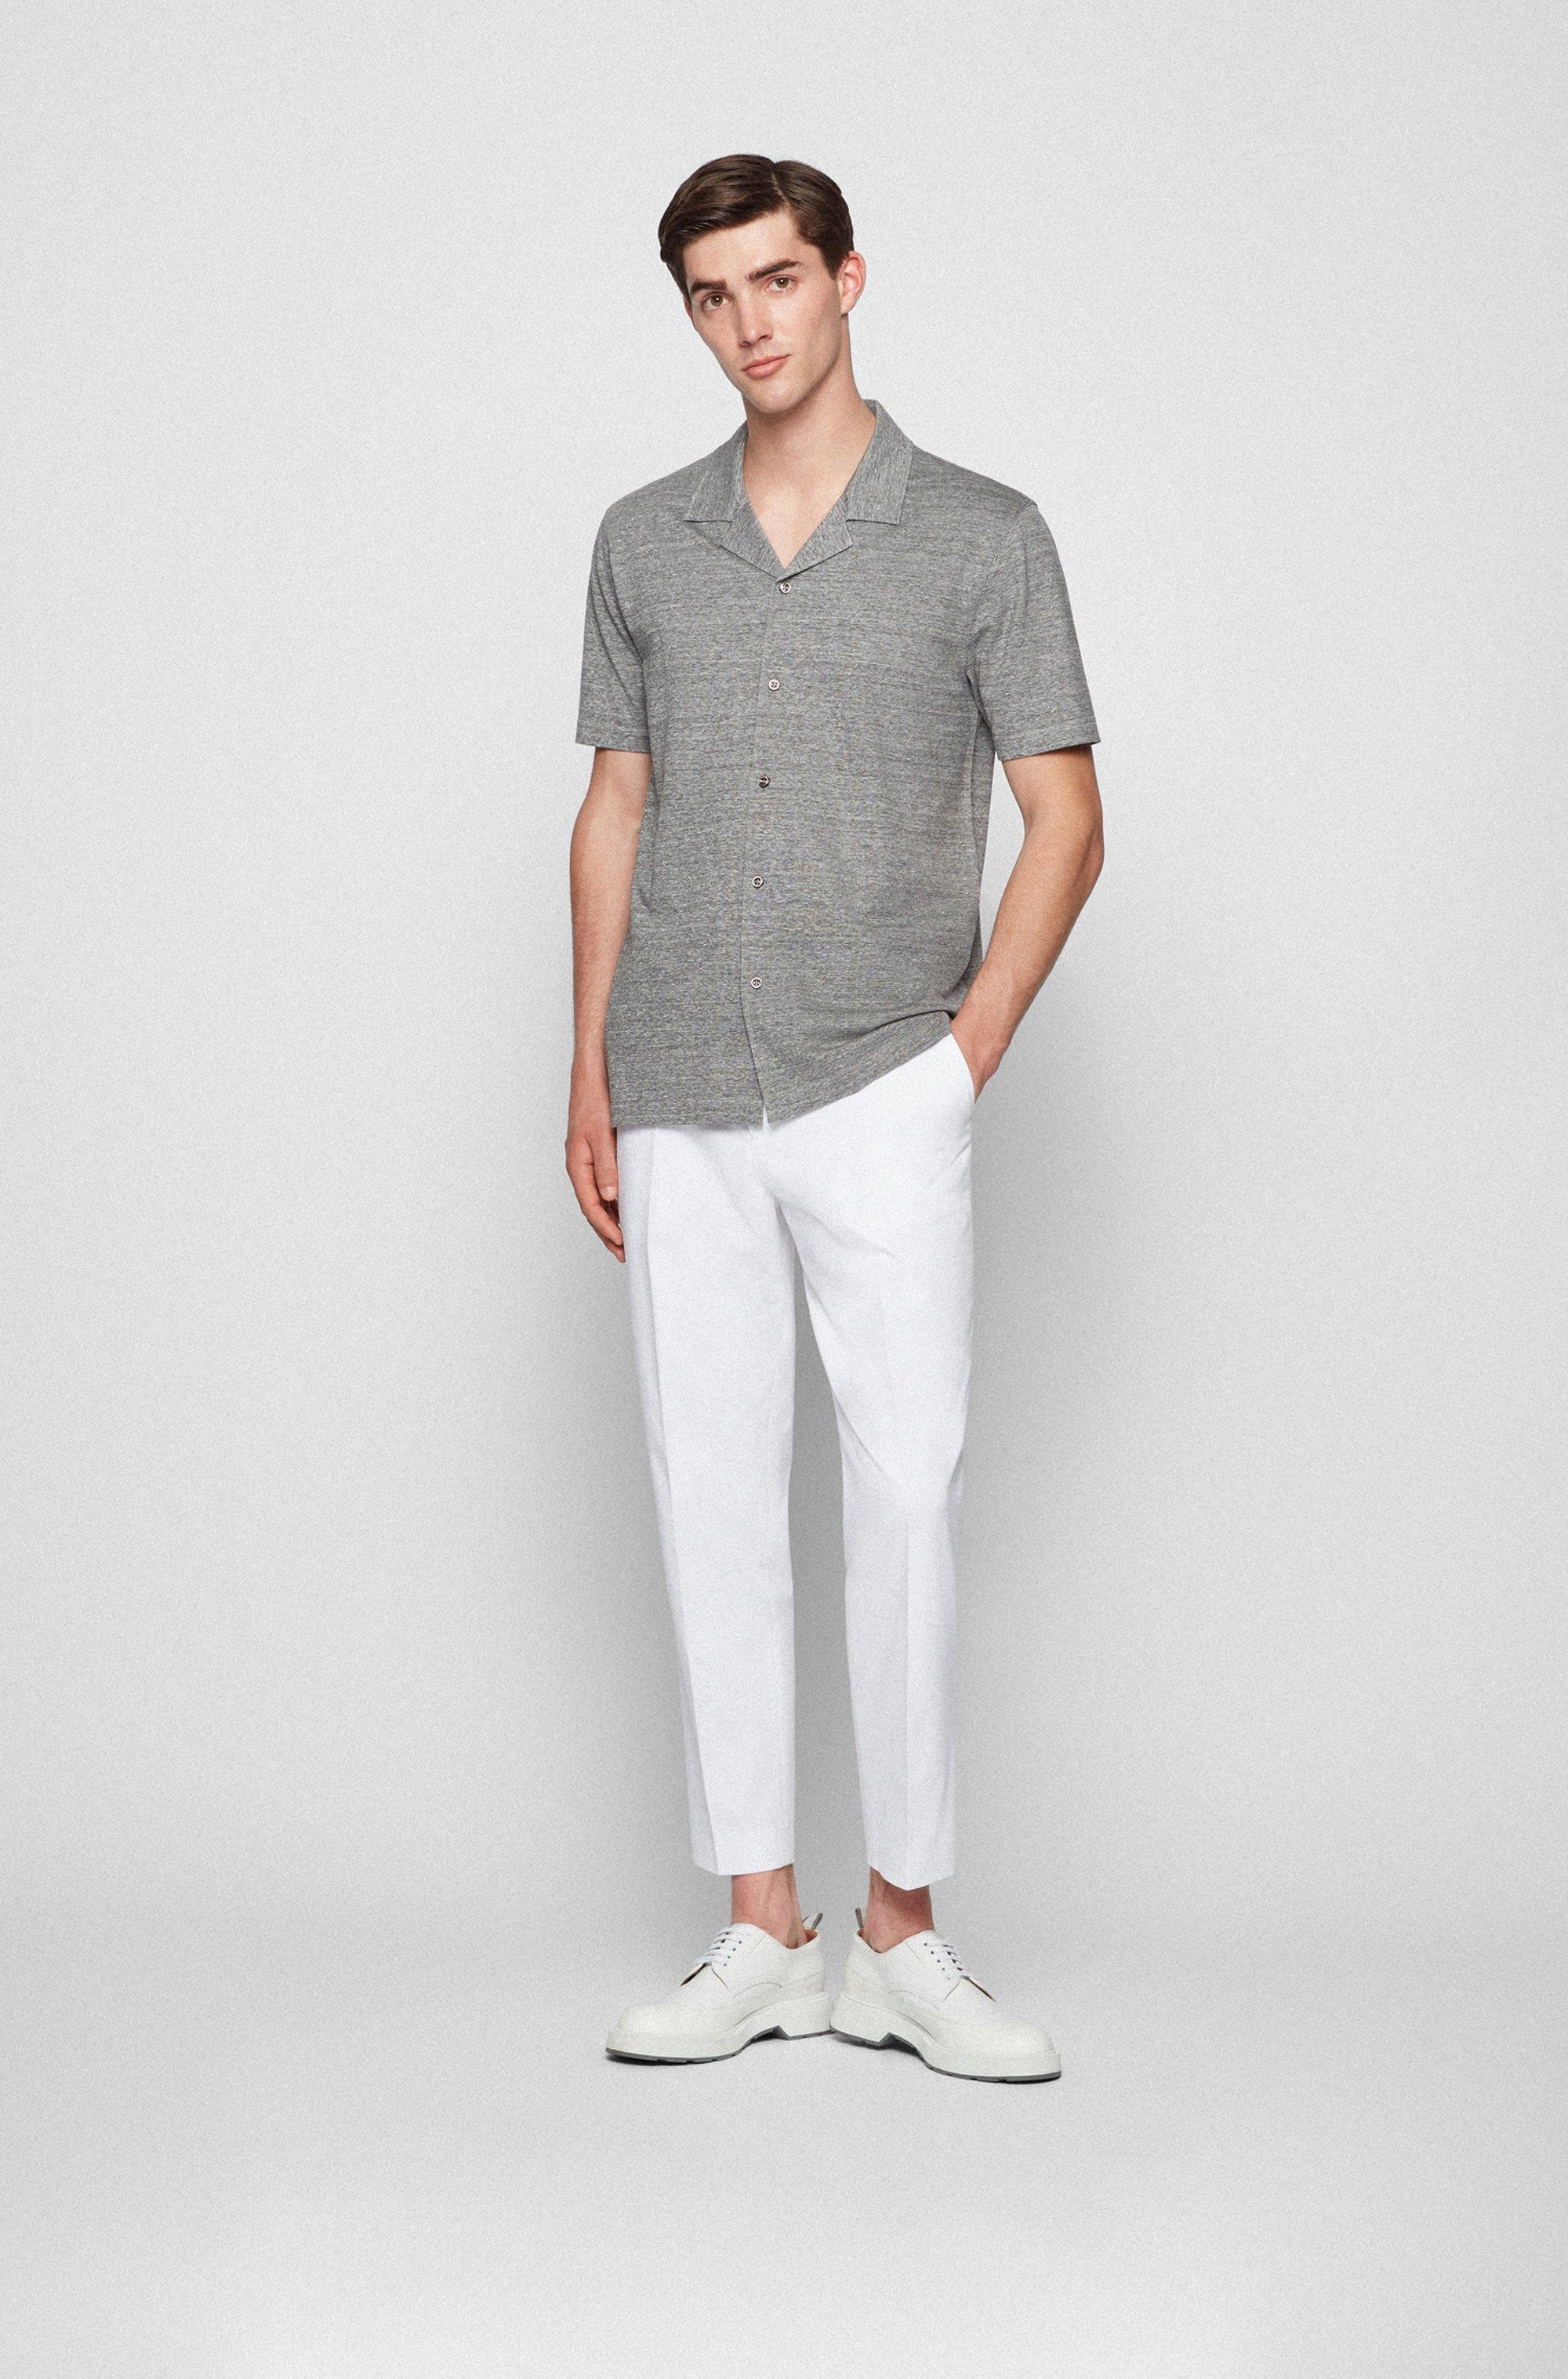 Slim-fit short-sleeved shirt in melange jersey